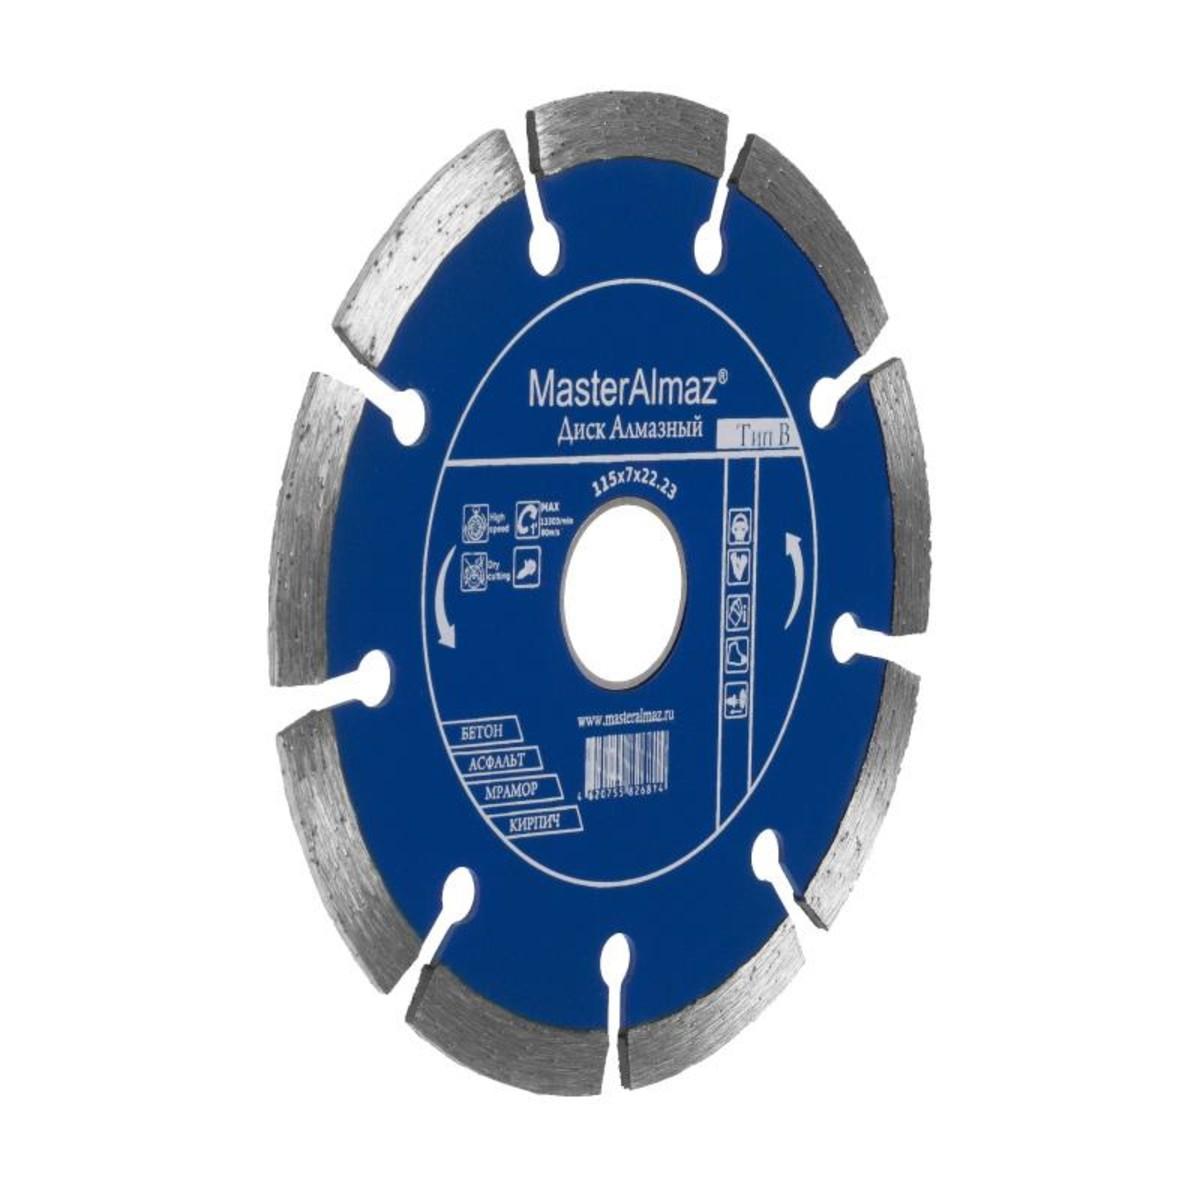 Диск Алмазный Мастералмаз Standard (Тип В) 350Х10Х254 По Асфальту И Плитке Сегментный